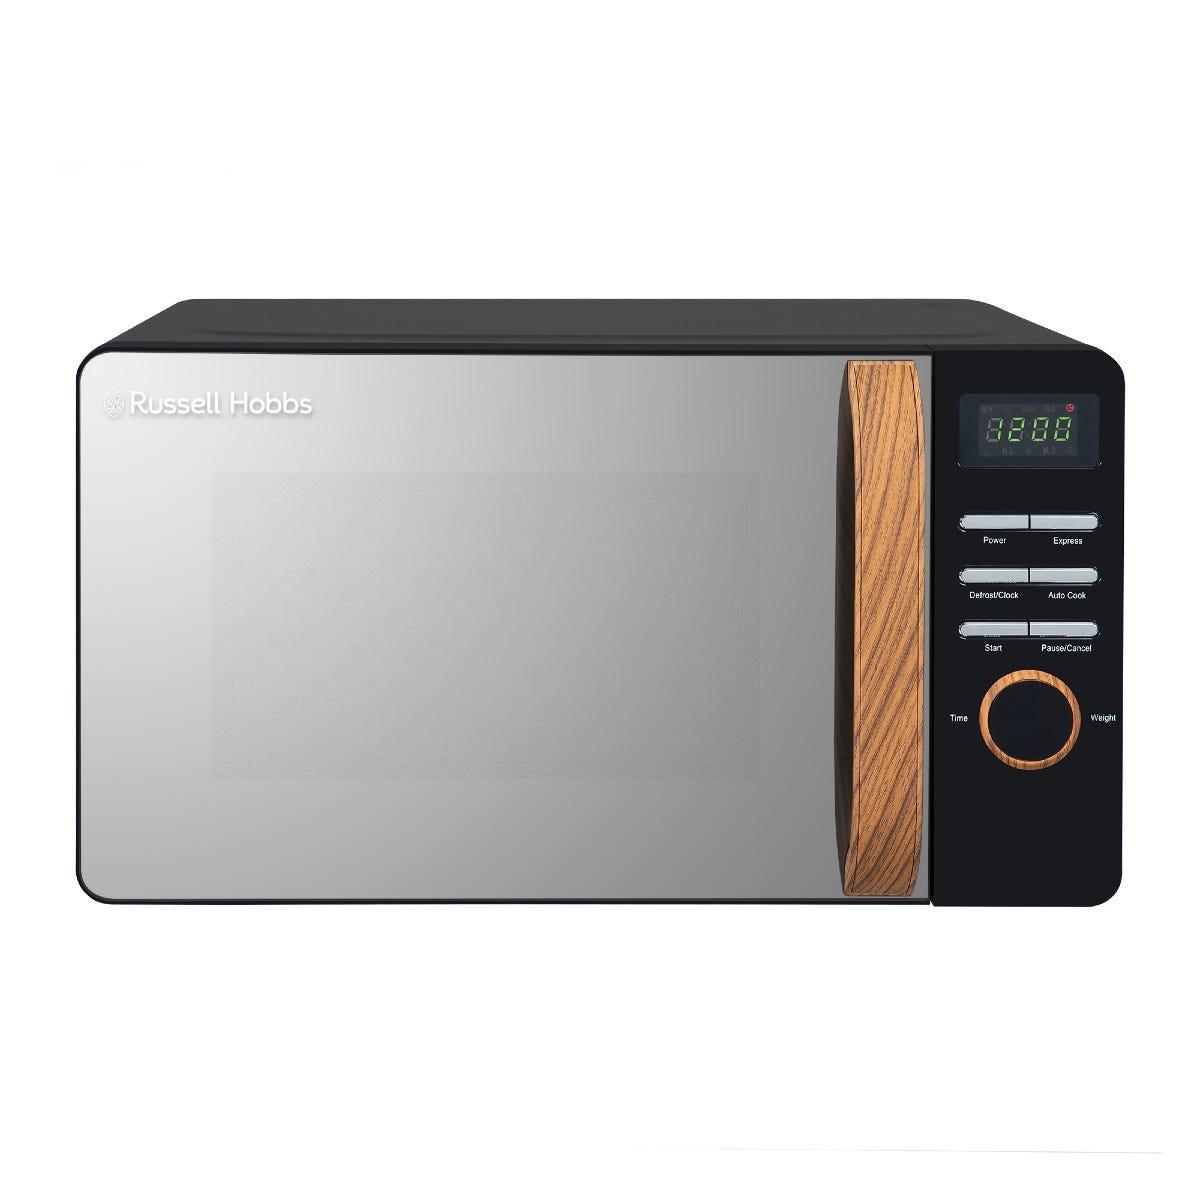 Russell Hobbs RHMD714B-N Scandi 17L 700W Digital Microwave - Black with Wooden Effect Handle